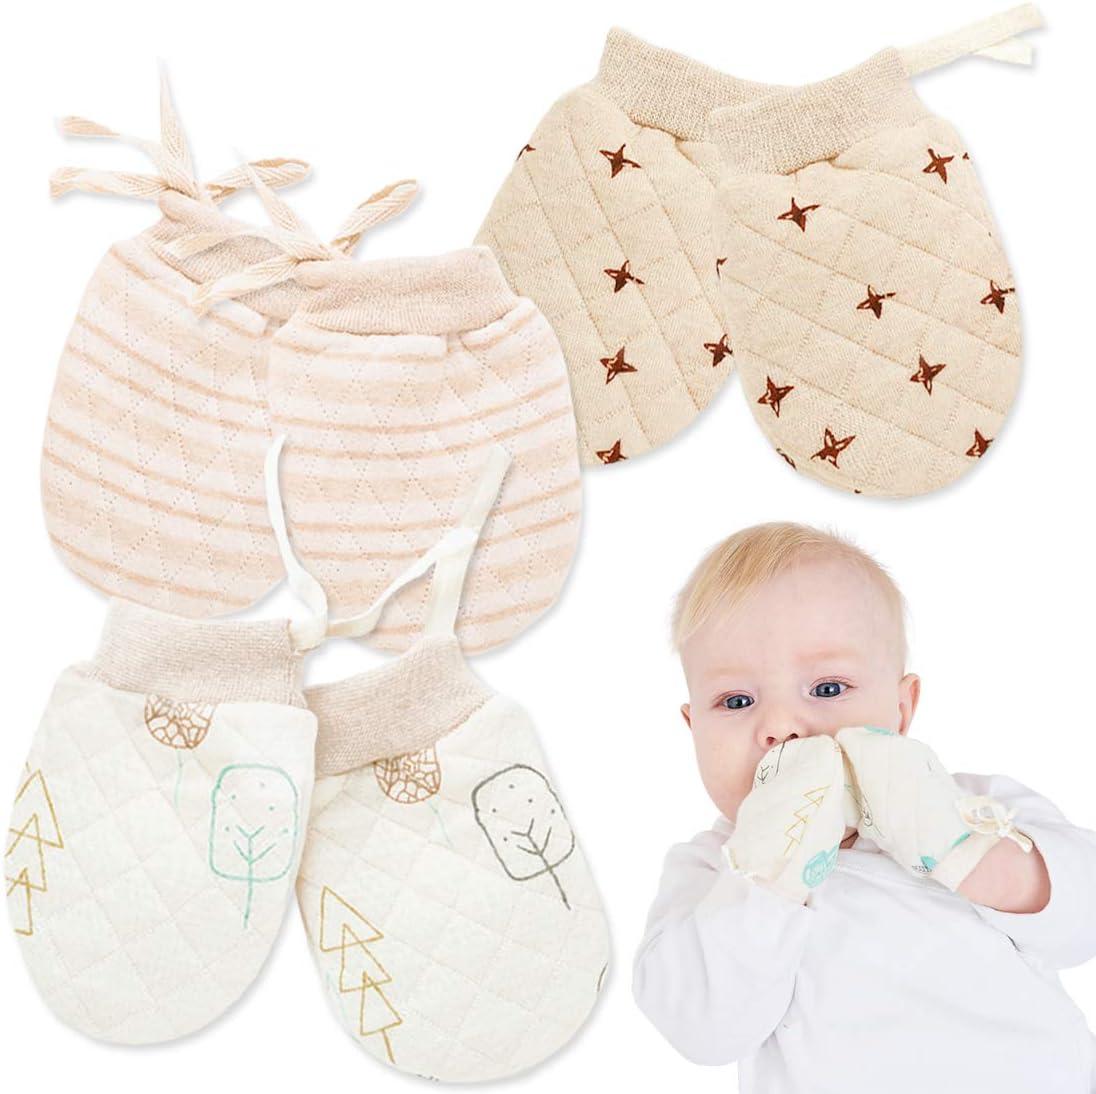 M Size: 0-2 Year Kalevel 3 Pairs No Scratch Mittens Newborn Gloves Soft Adjustable Drawstring Baby Mittens Winter Warm Unisex